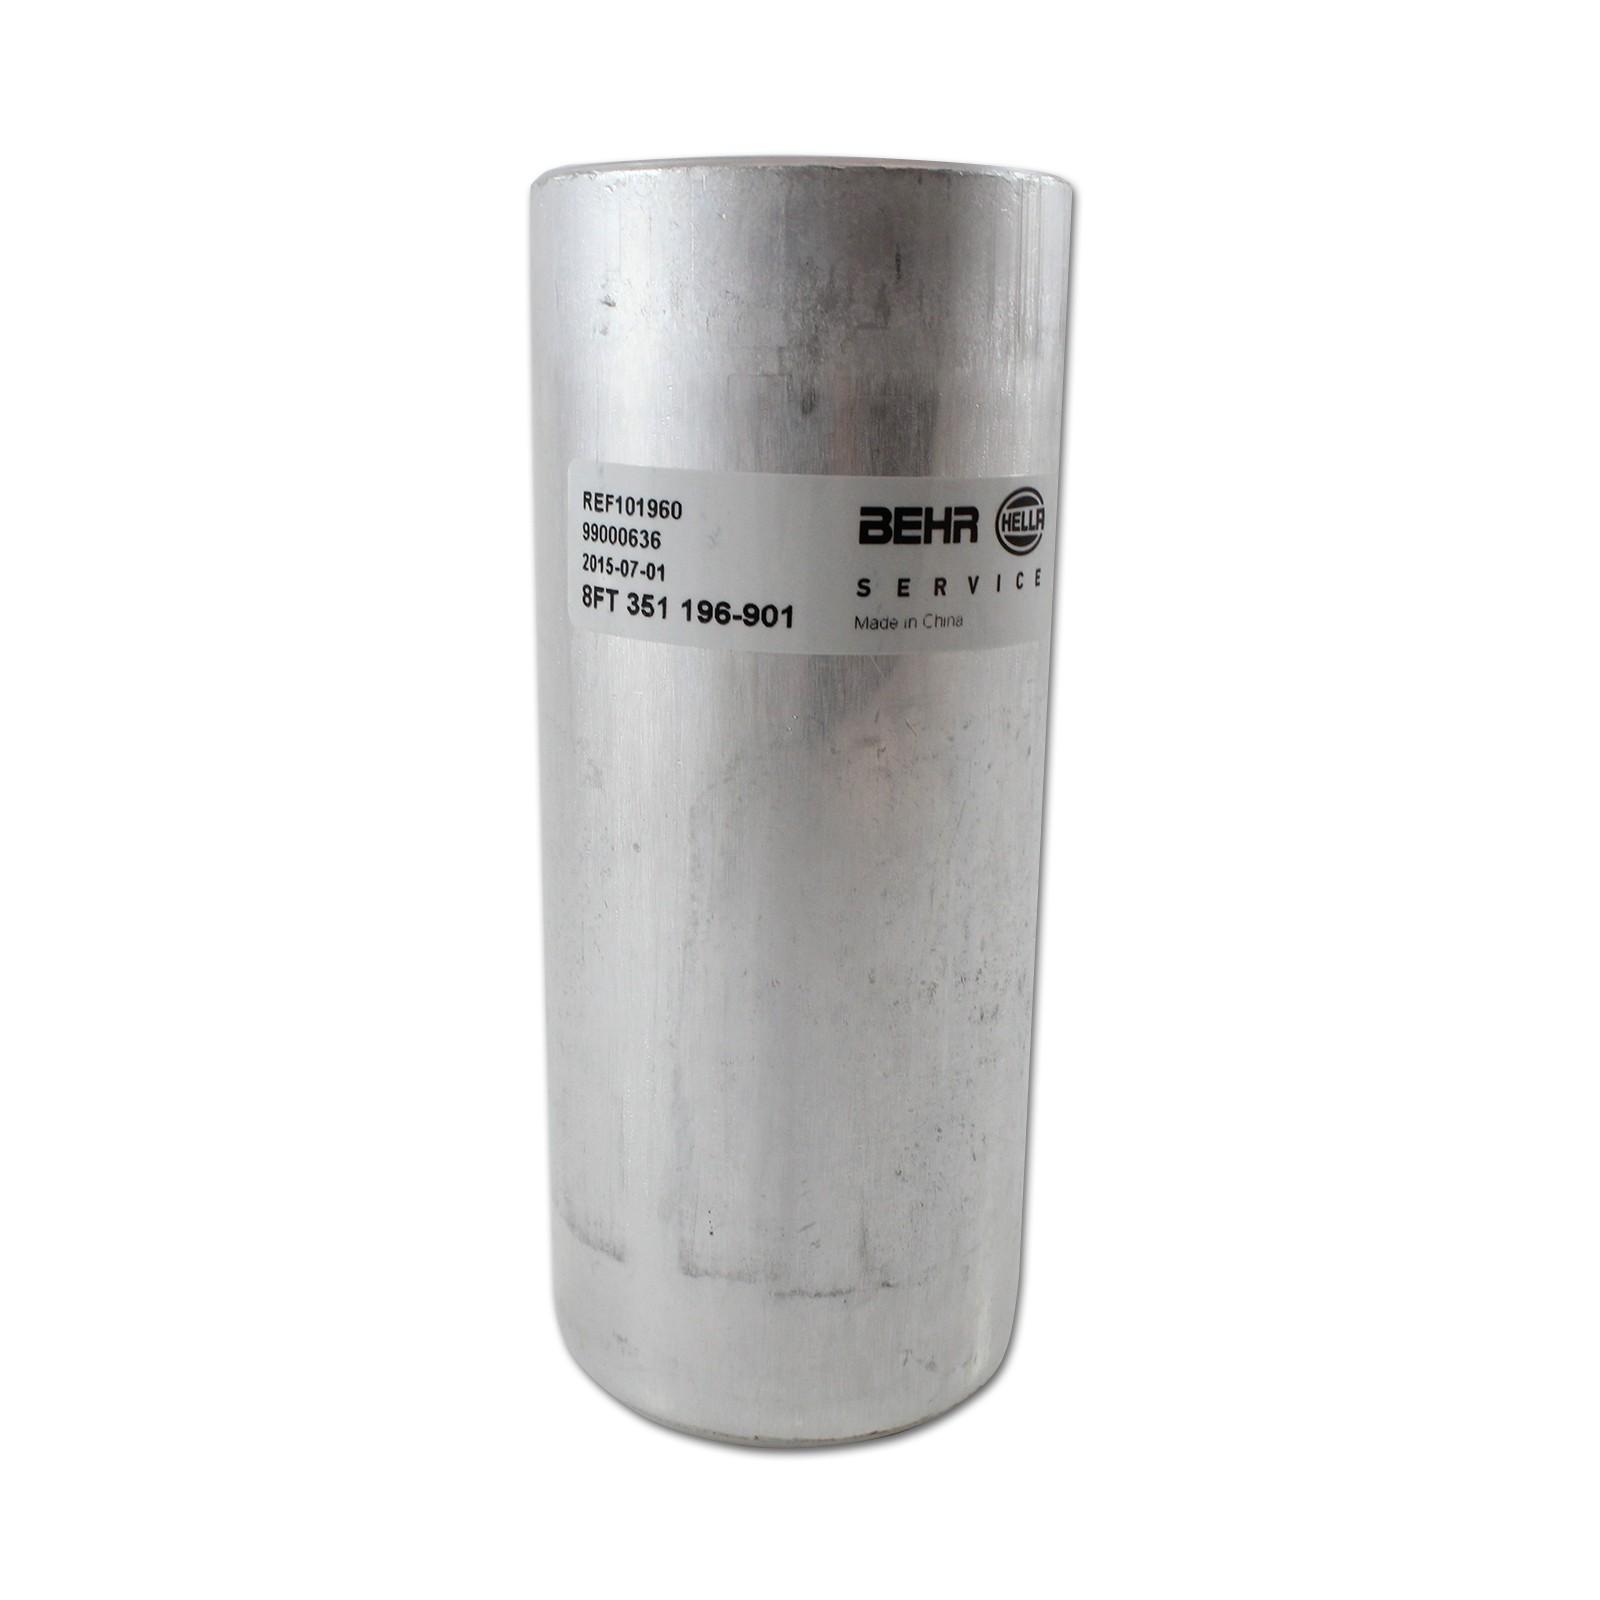 air conditioning BEHR HELLA SERVICE 8FT 351 196-901  Dryer